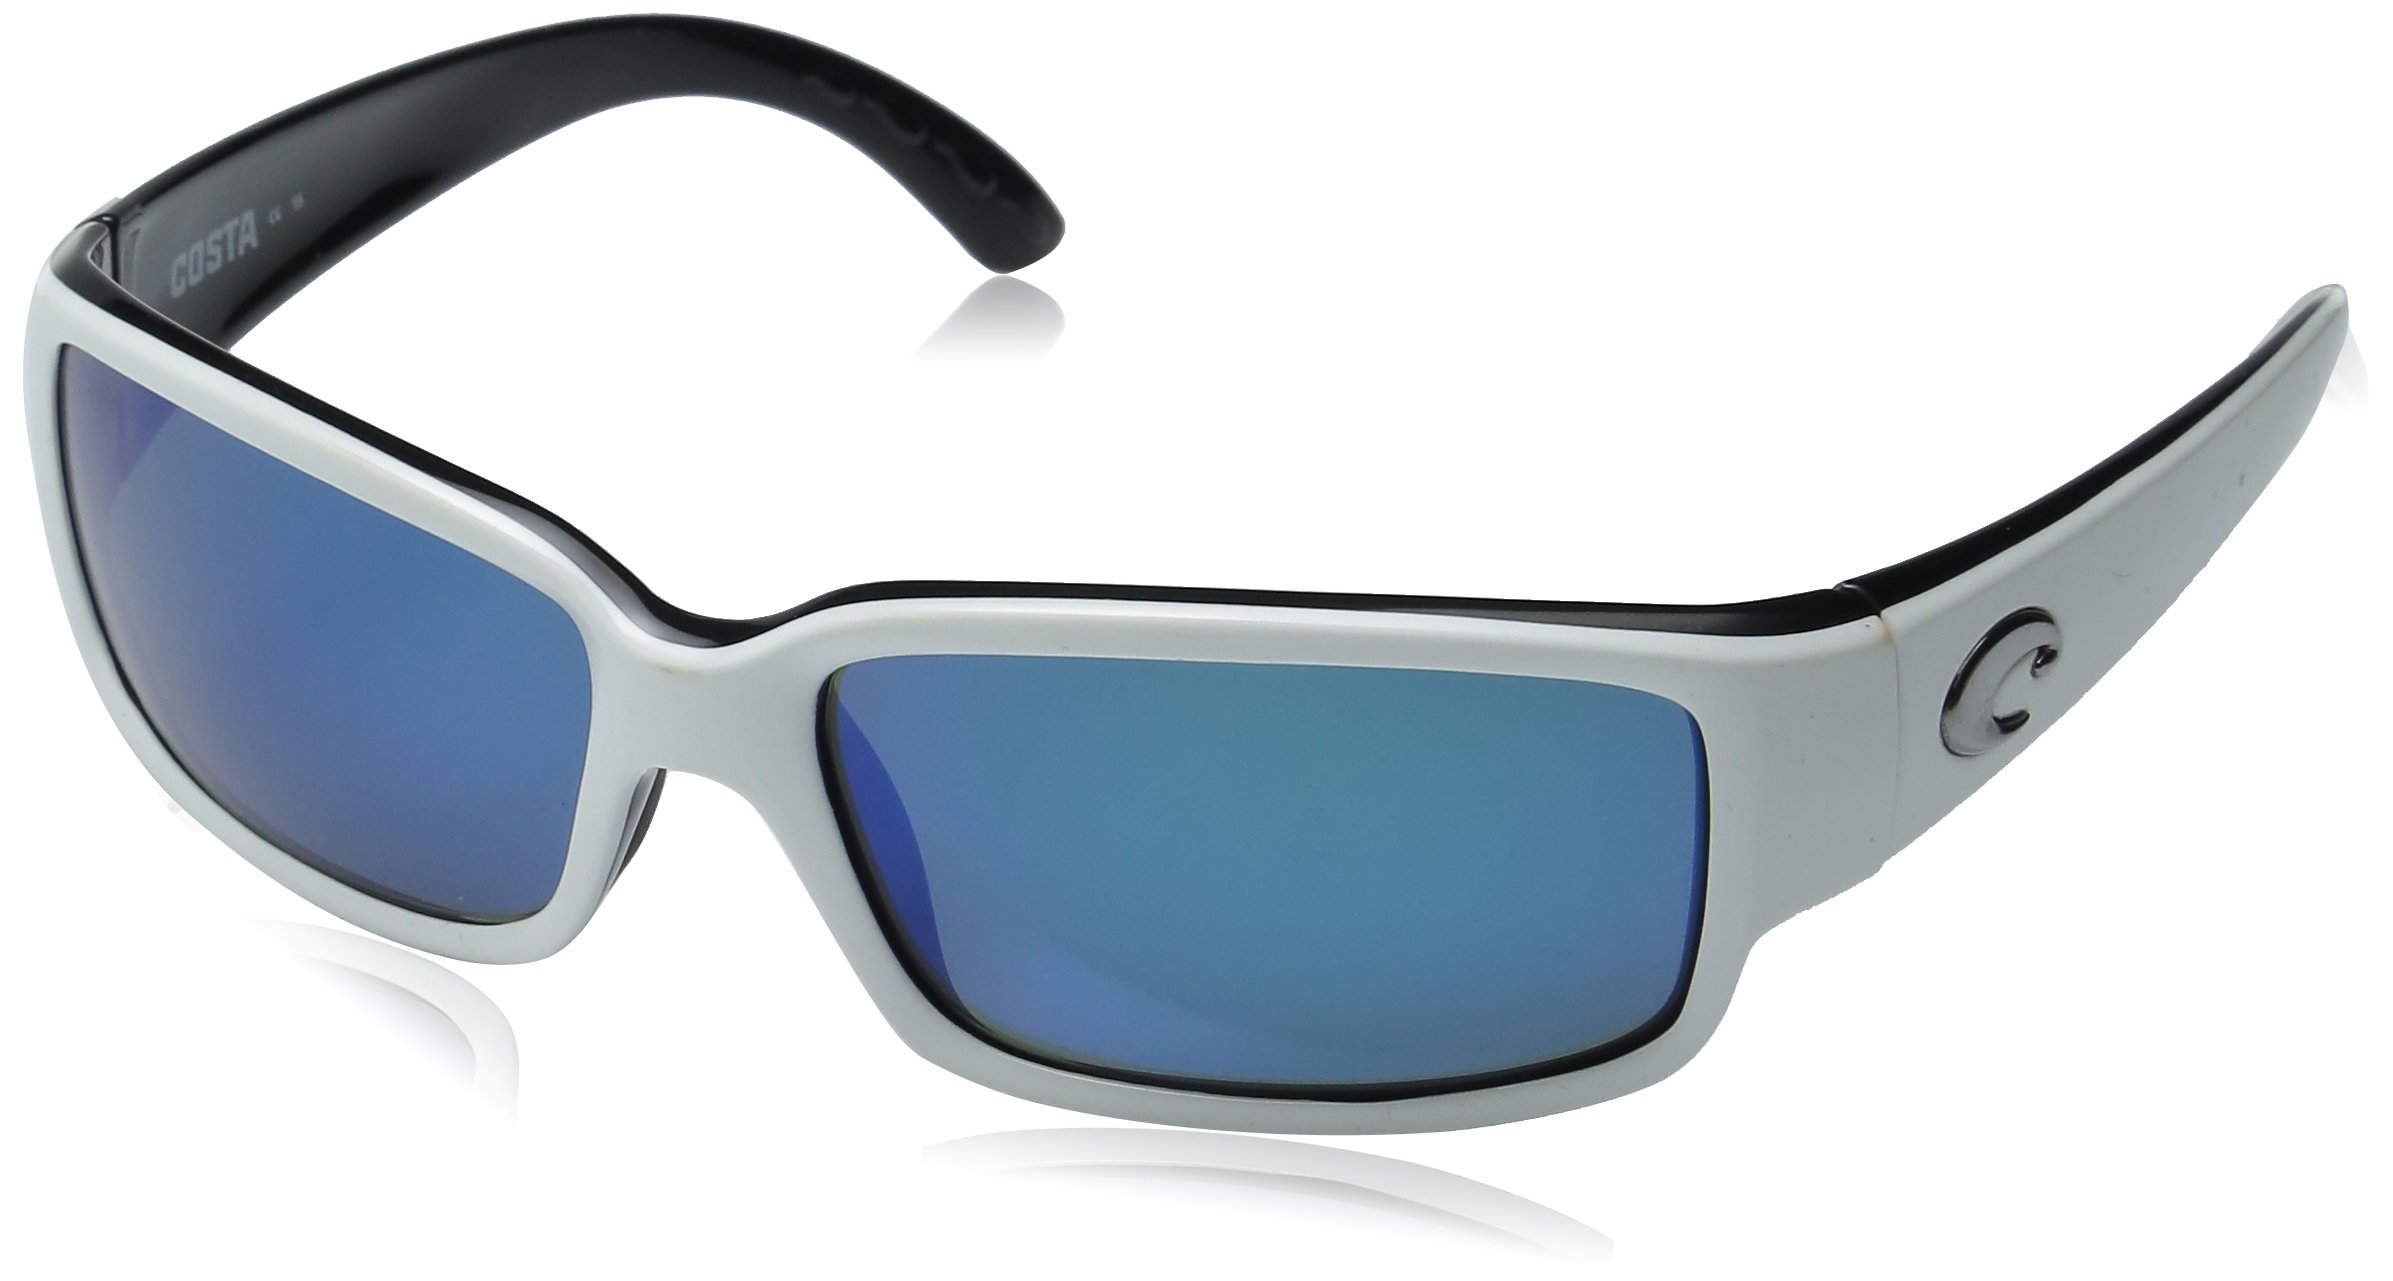 Costa Del Mar Caballito Polarized Sunglasses - Costa 580 Glass Lens Black White/Green Mirror, One Size by Costa Del Mar